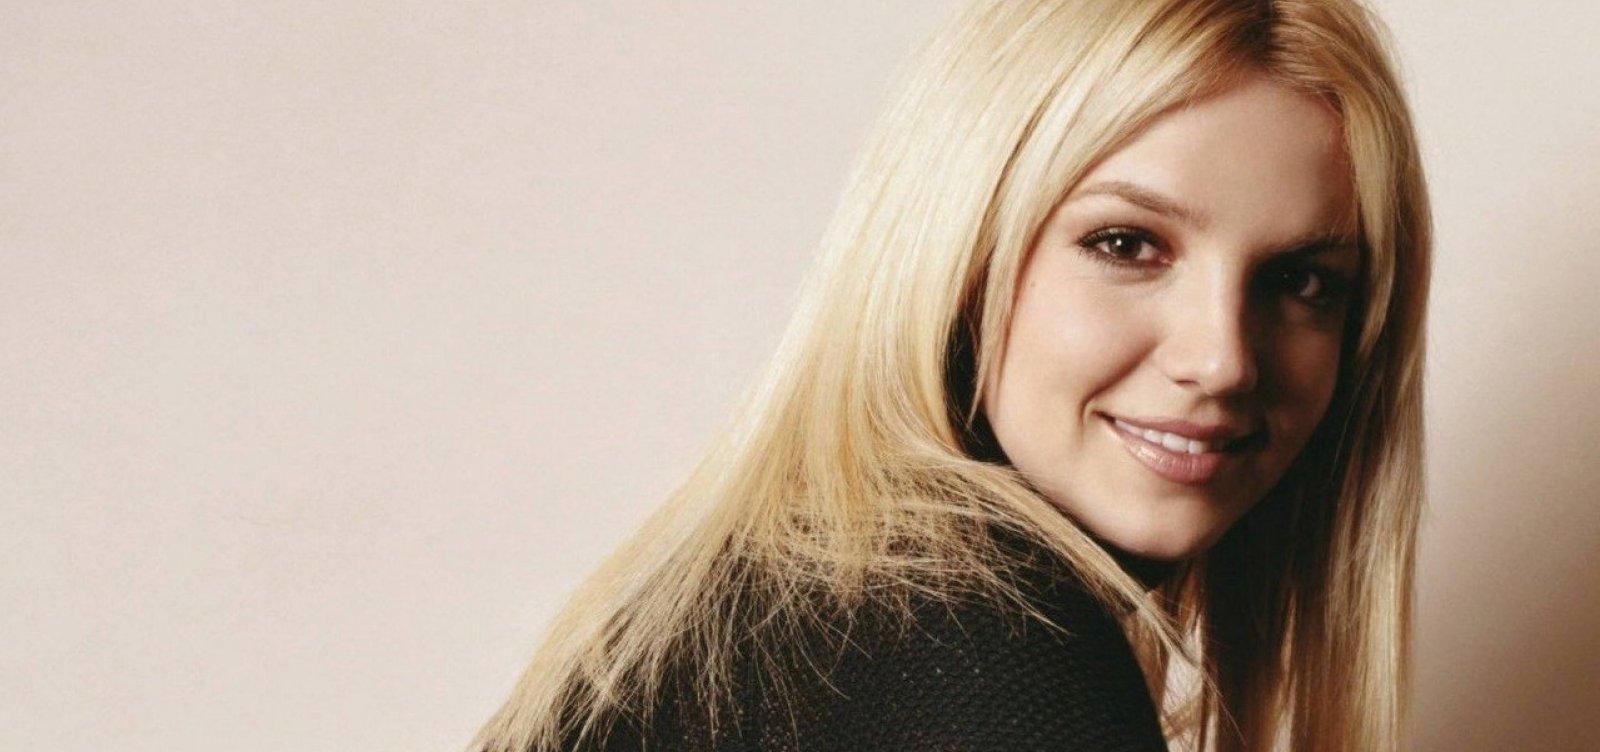 [Britney Spears é internada em clínica de saúde mental, diz site]